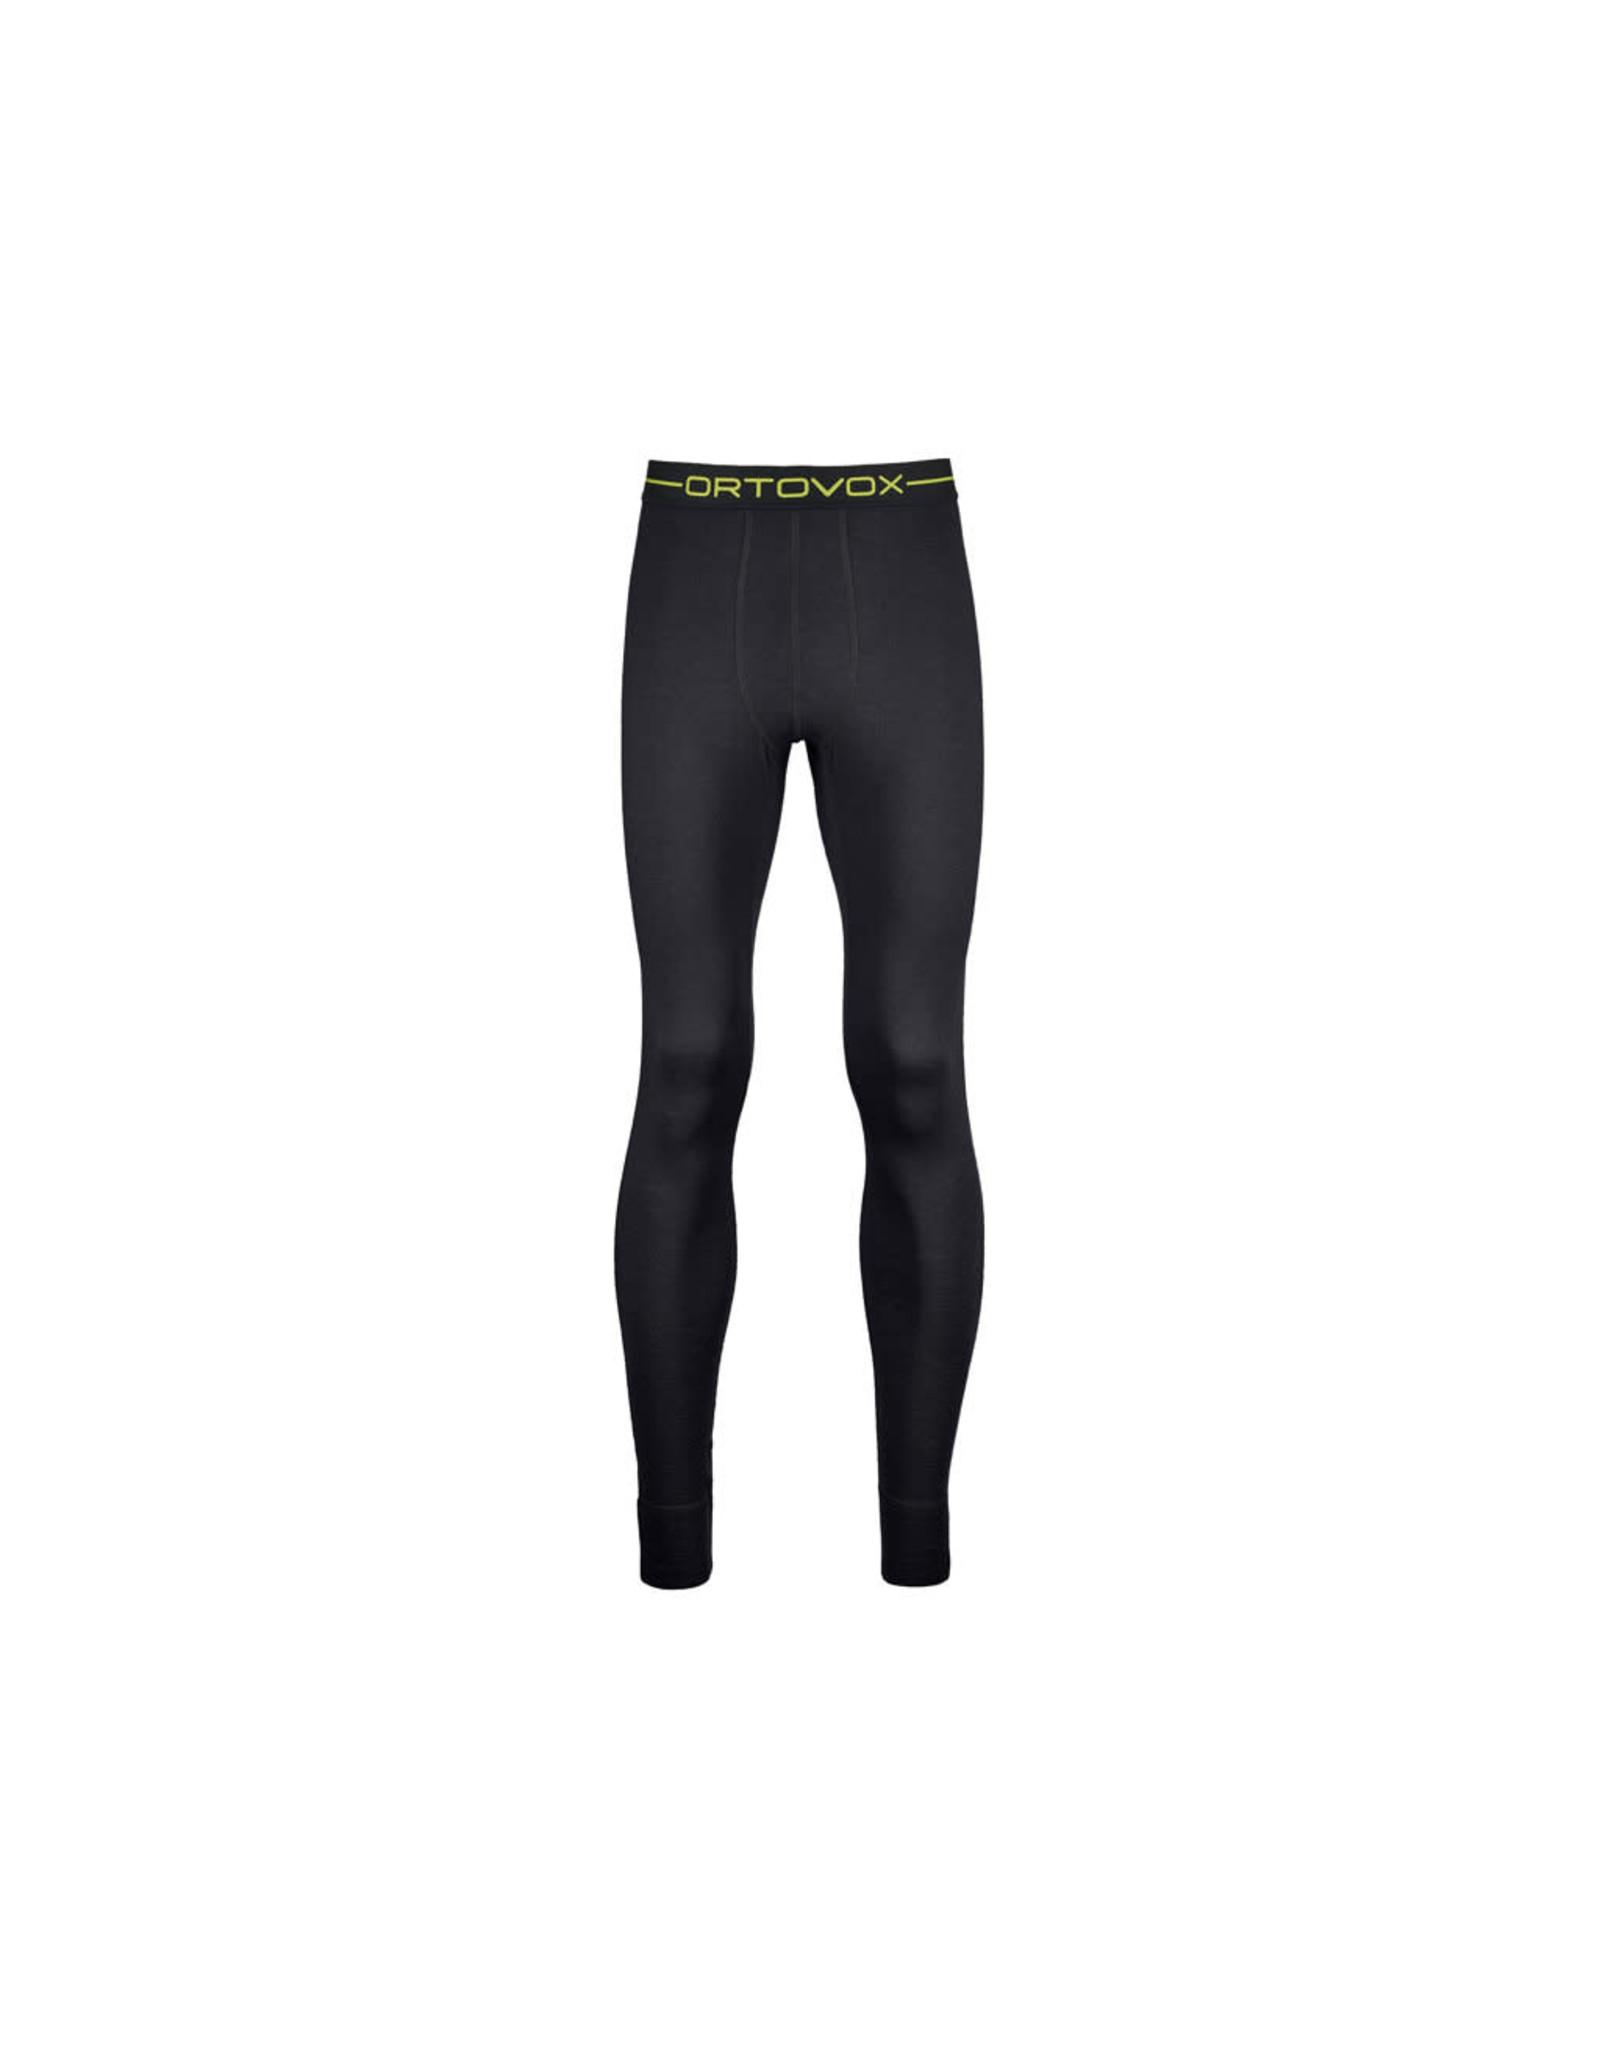 Ortovox Ortovox 145 Ultra Long Pants - Men